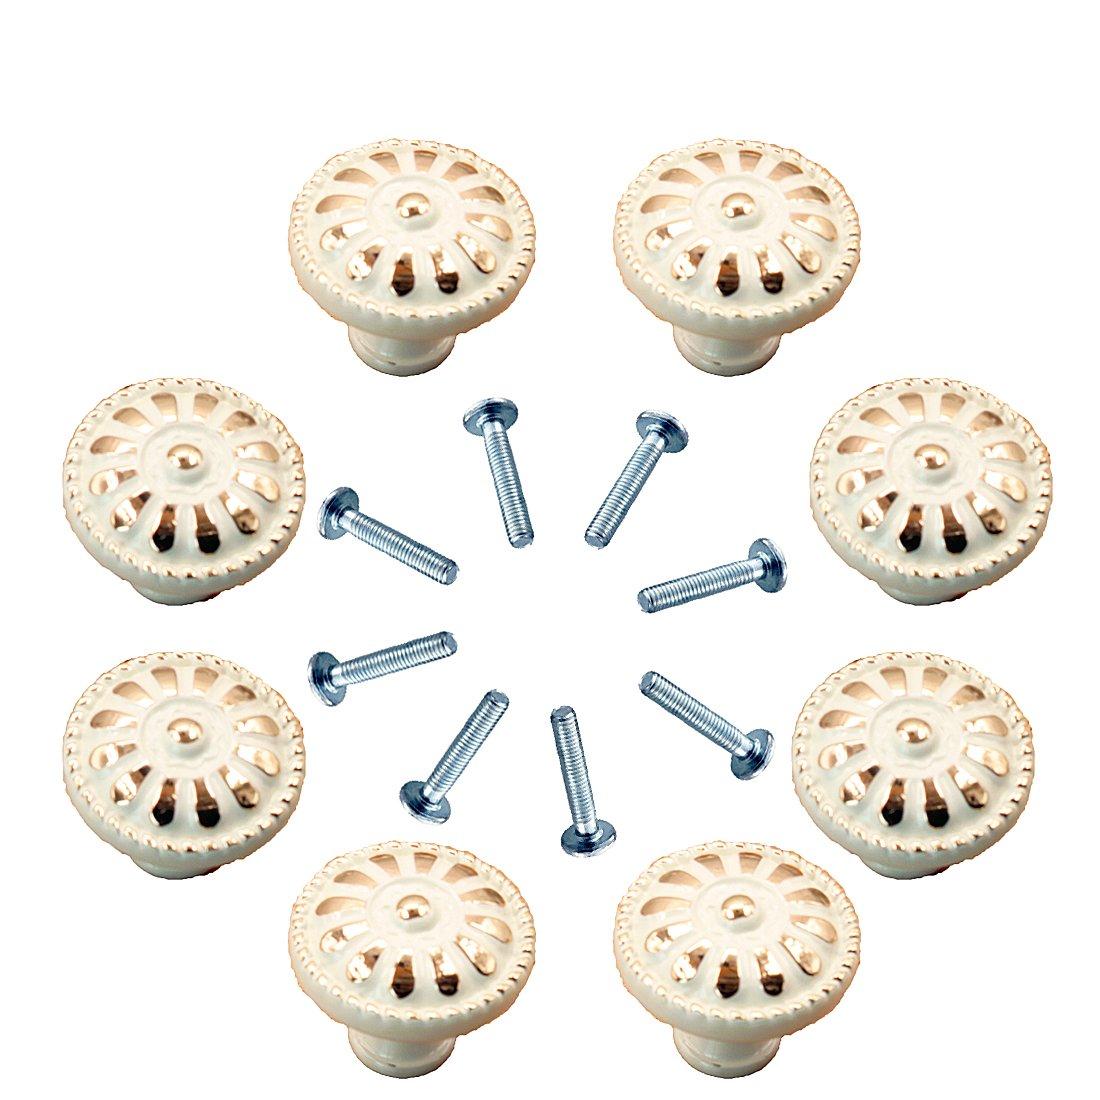 8 Pieces Drawer Knobs, Fresh Household Cabinet Knobs Cupboards Knobs Drawer Pulls Cabinet Handles Closet Knobs Wardrobe Door Hanldes